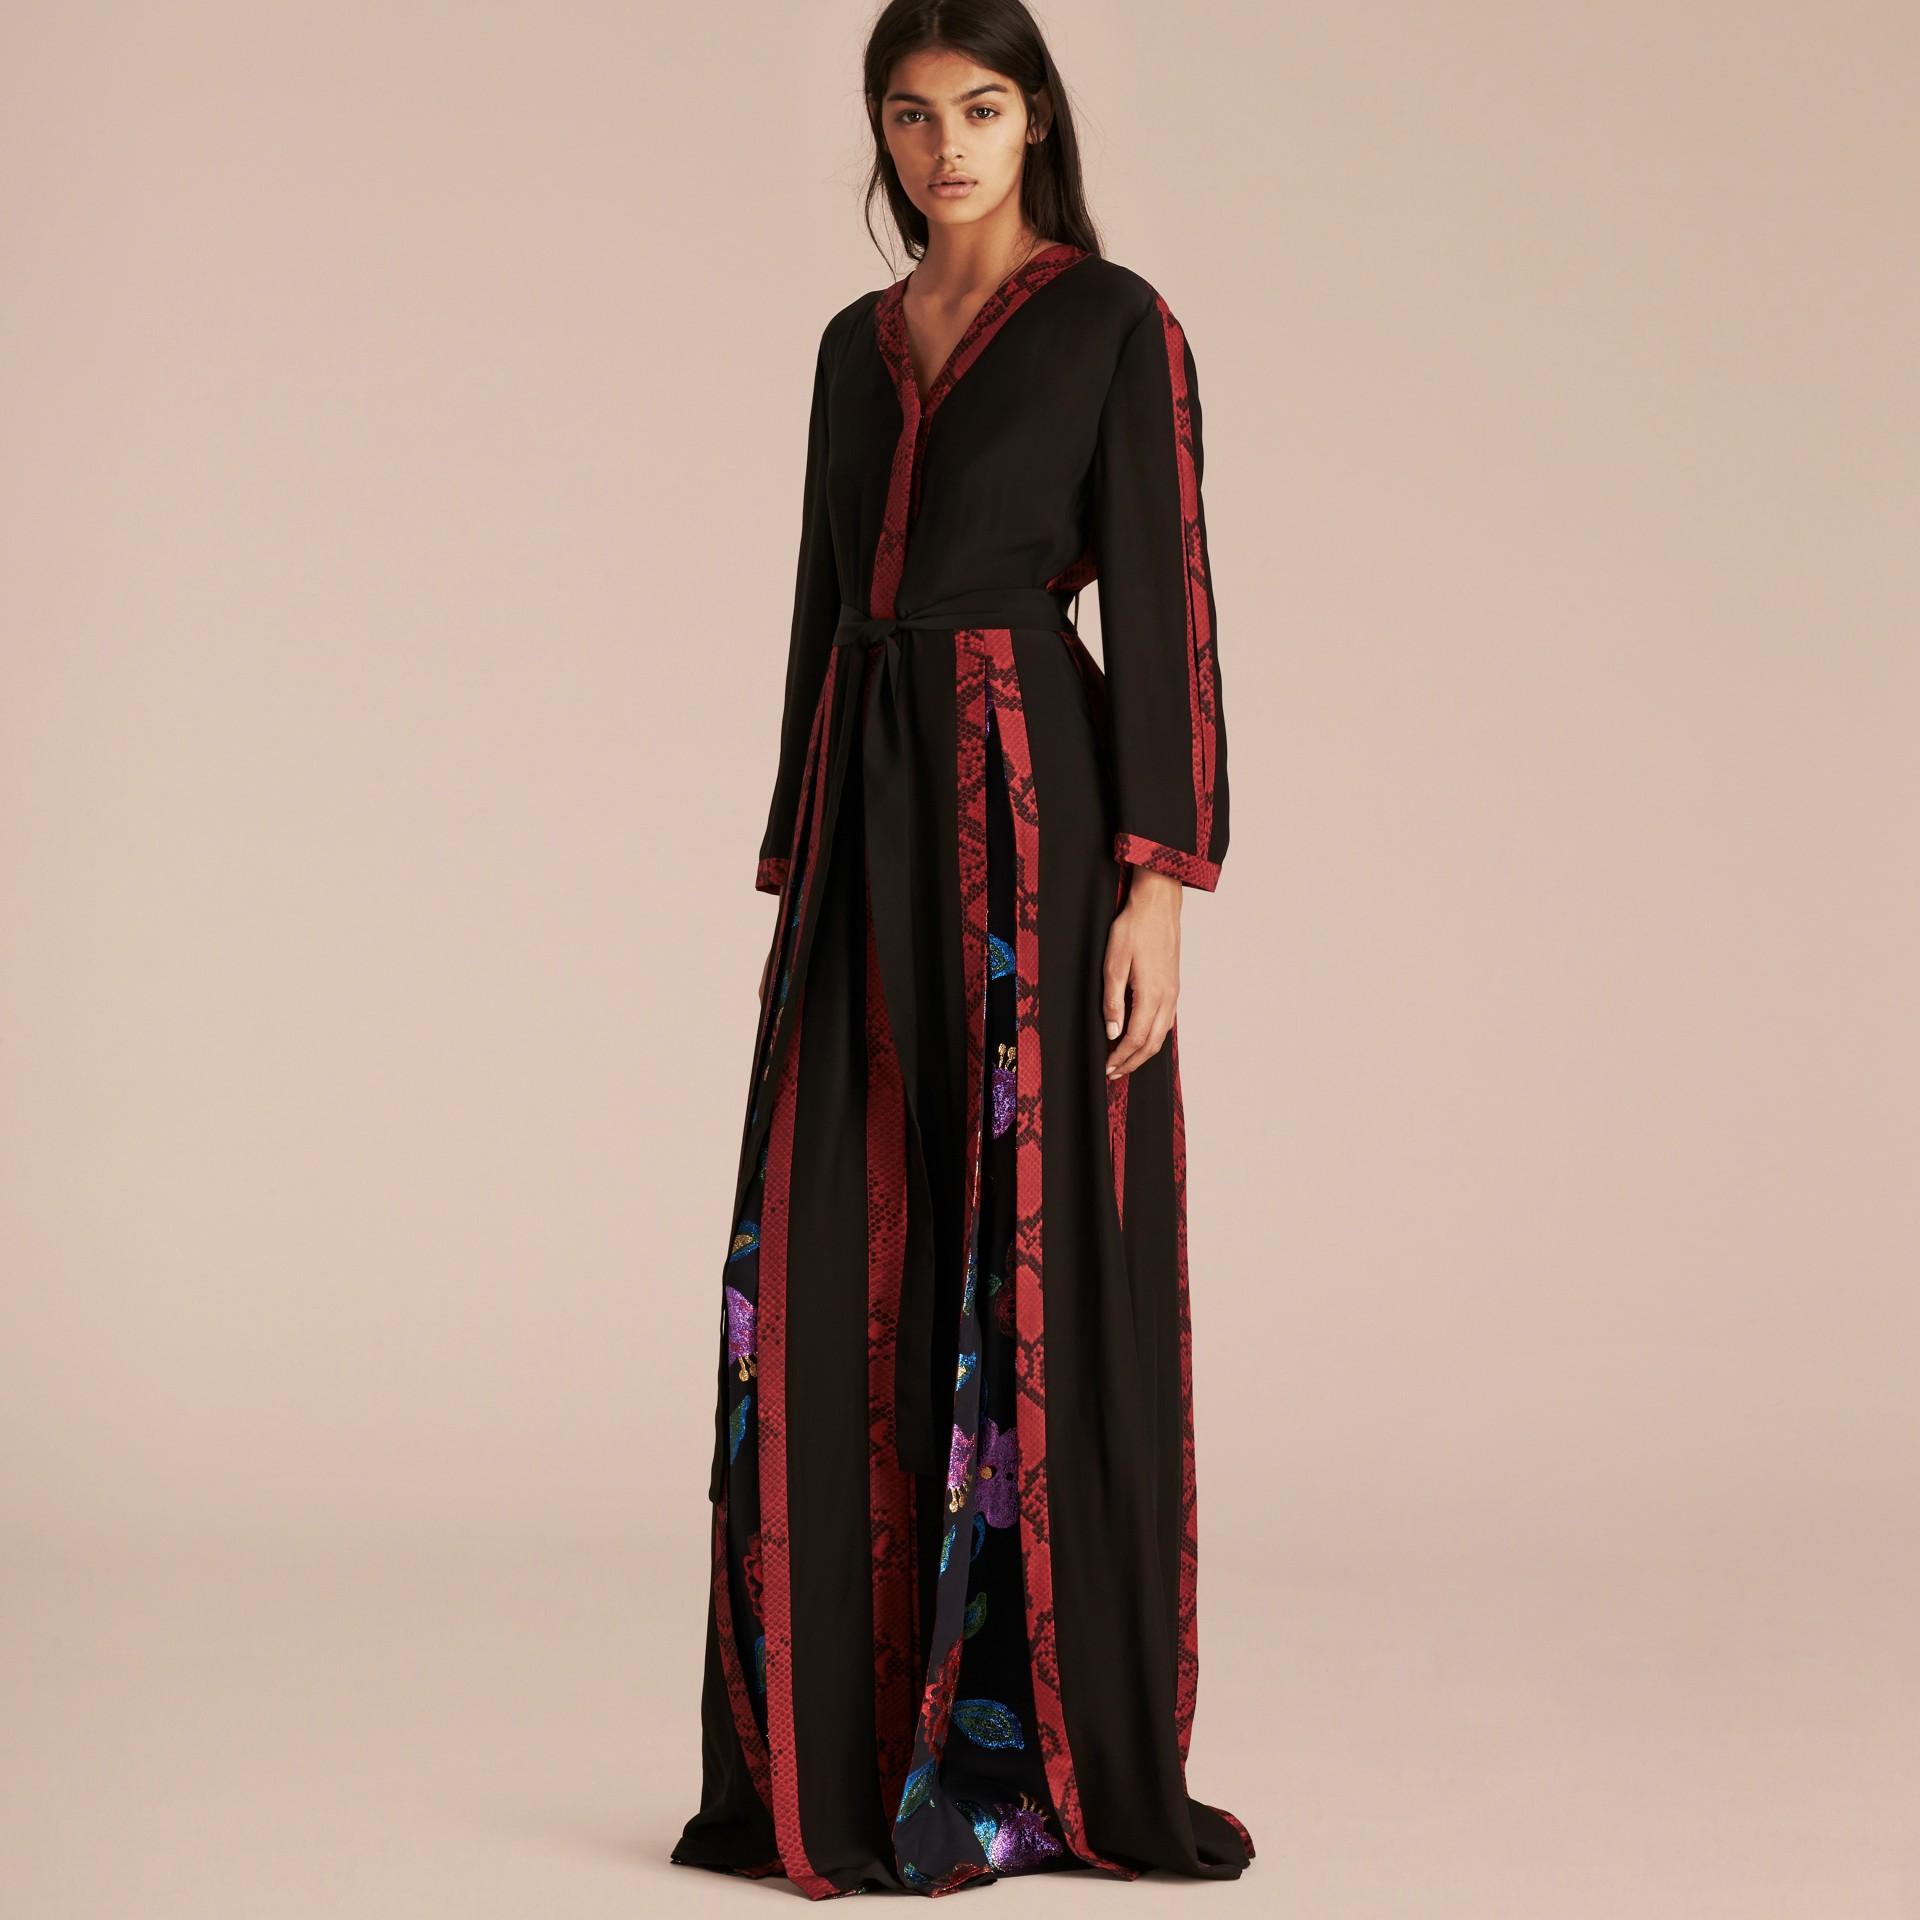 Preto Vestido envelope longo de seda com detalhes em fil coupé floral - galeria de imagens 1